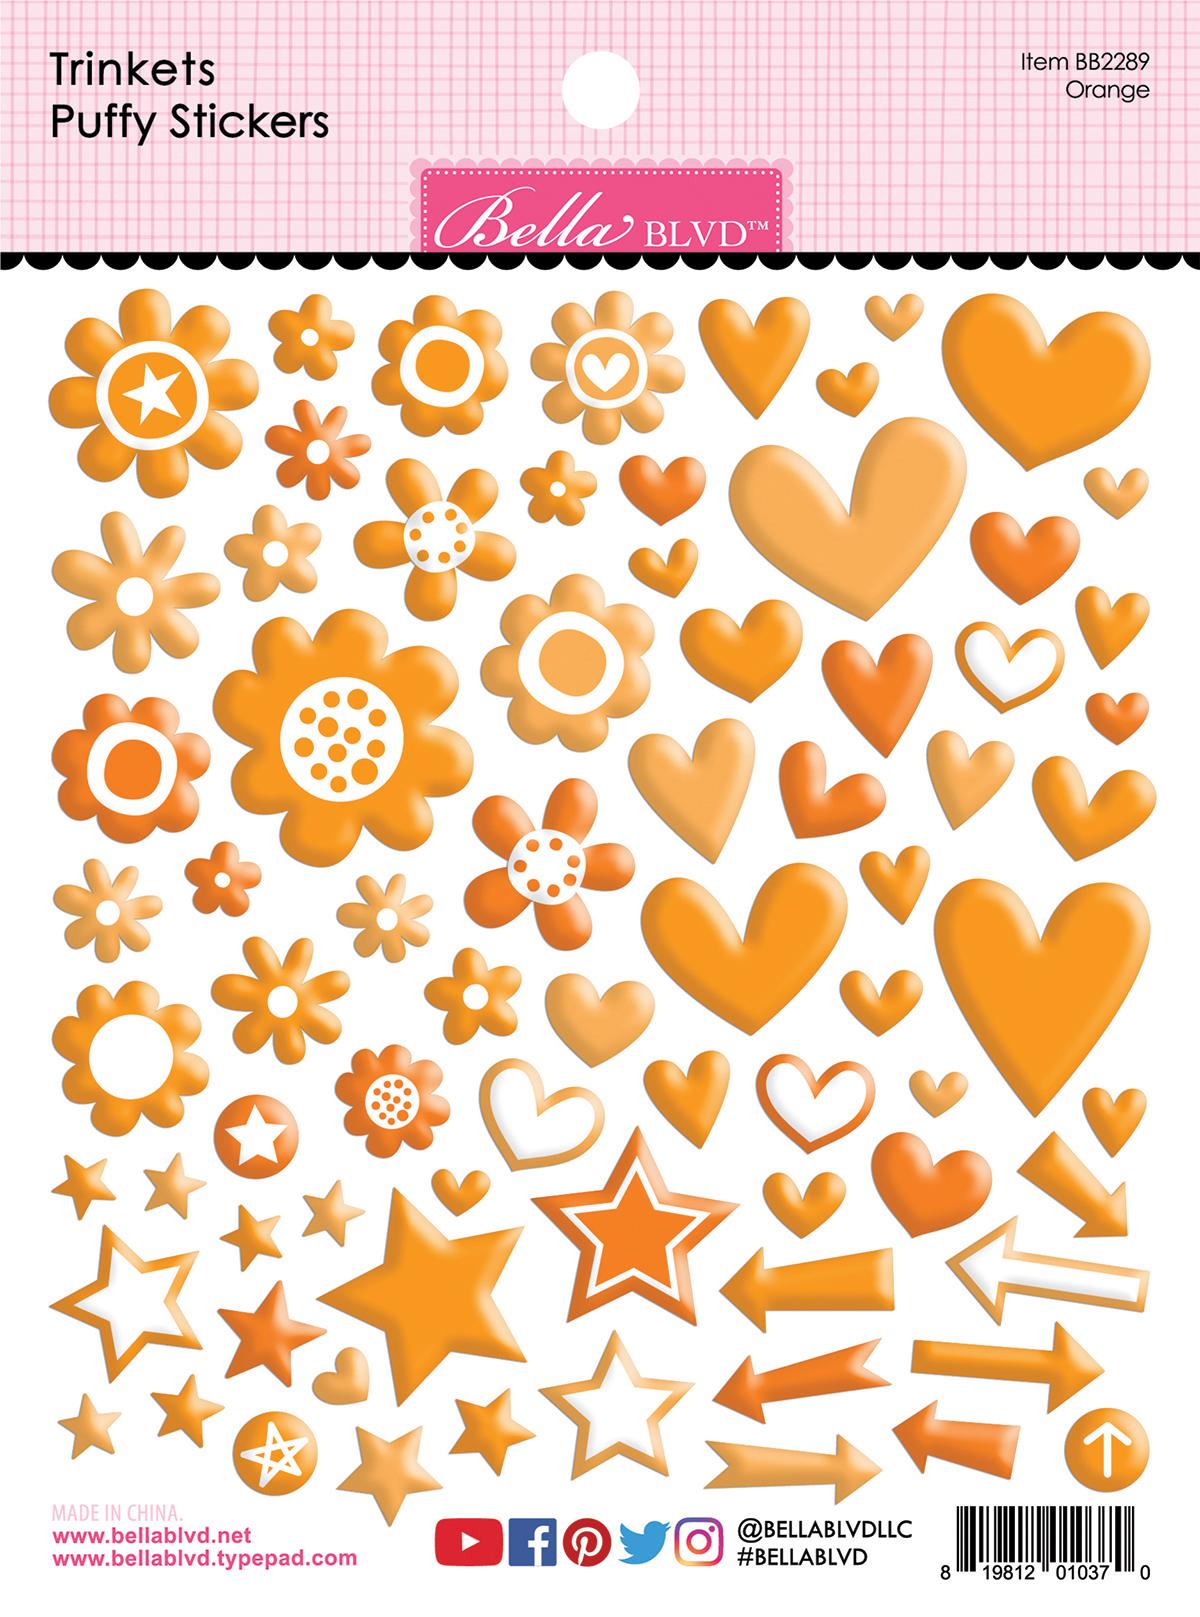 Puffy Stickers, Trinkets - Orange